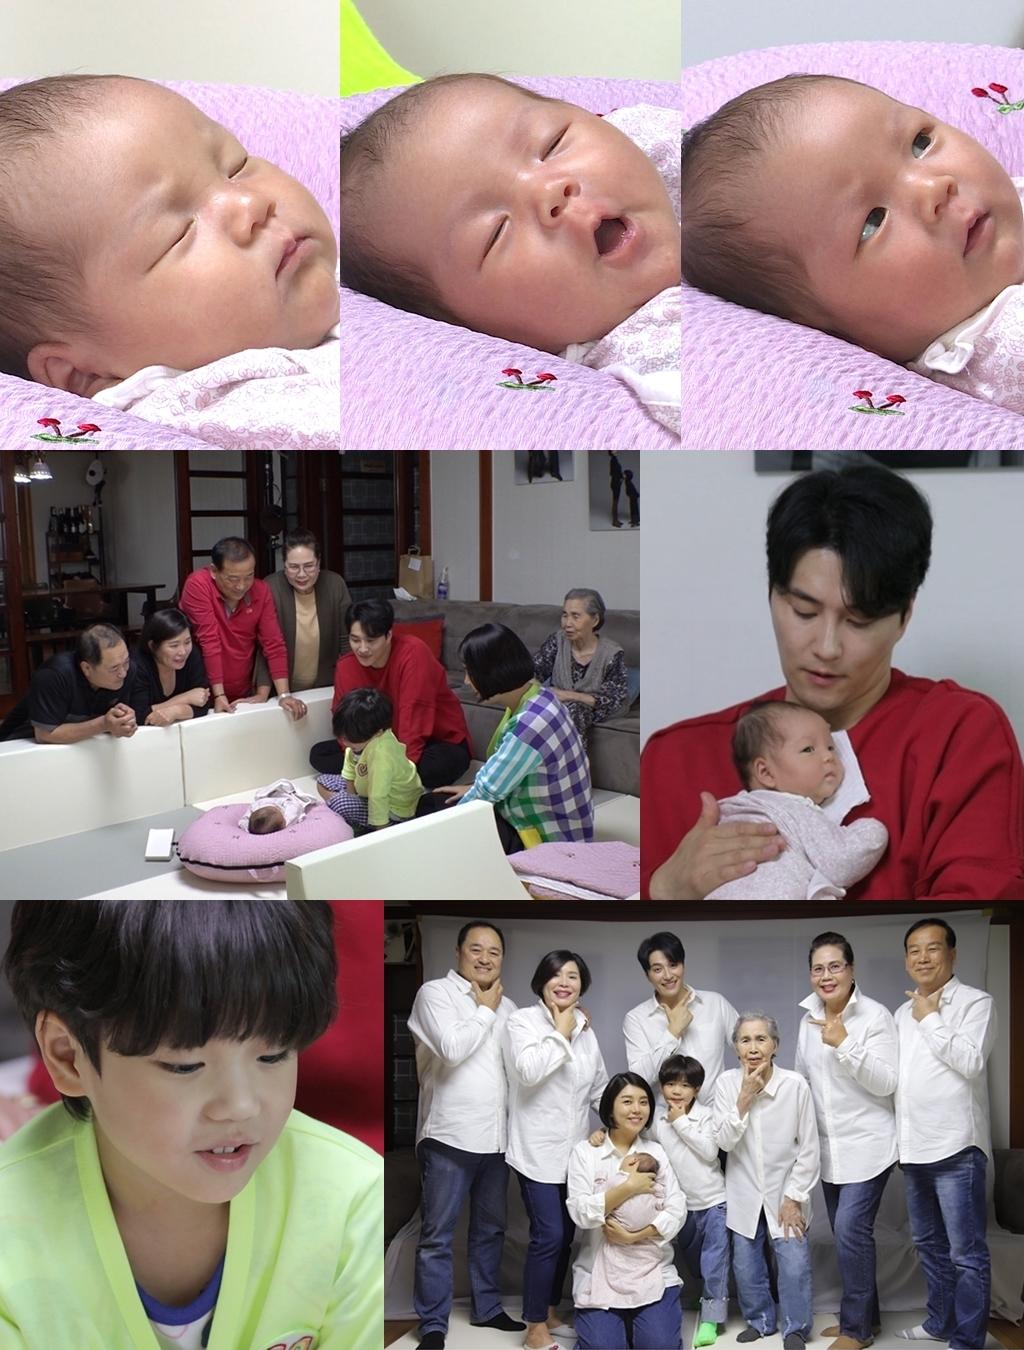 '슈돌' 민우혁♥이세미 둘째 사랑이, 가족들과 첫인사! 9명 대가족 완성